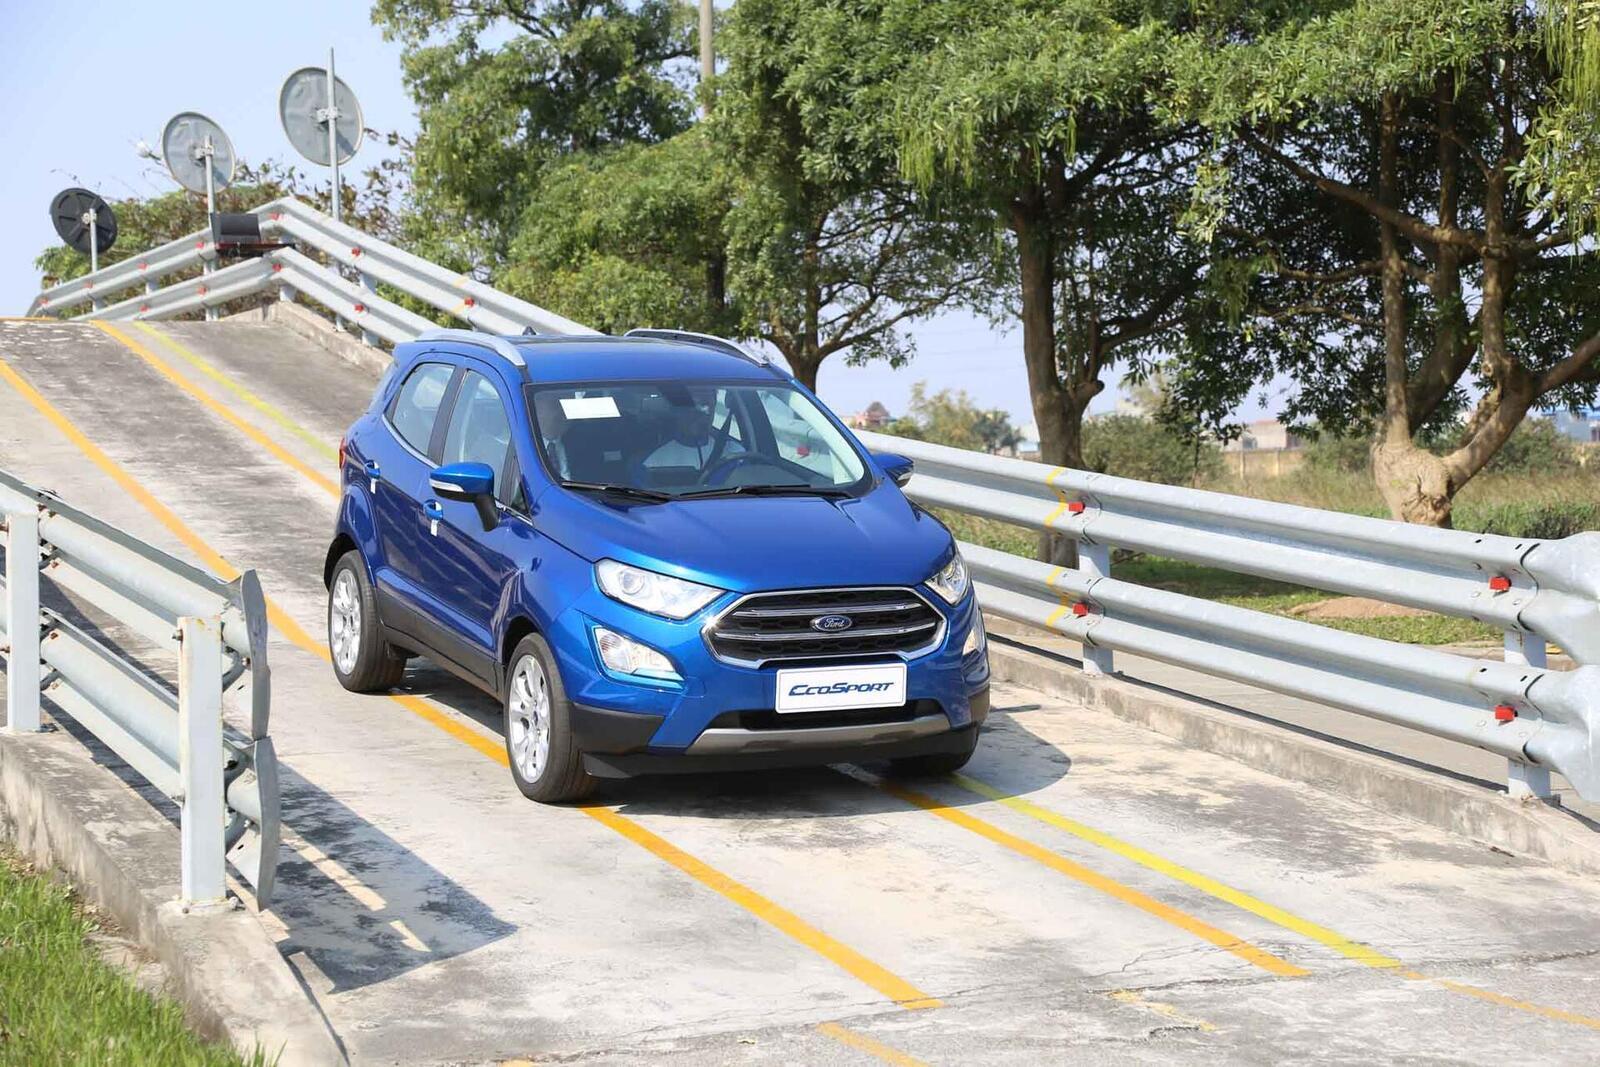 Ford Việt Nam bán hơn 1.900 chiếc Ranger mới trong tháng 12/2018 vừa qua - Hình 7